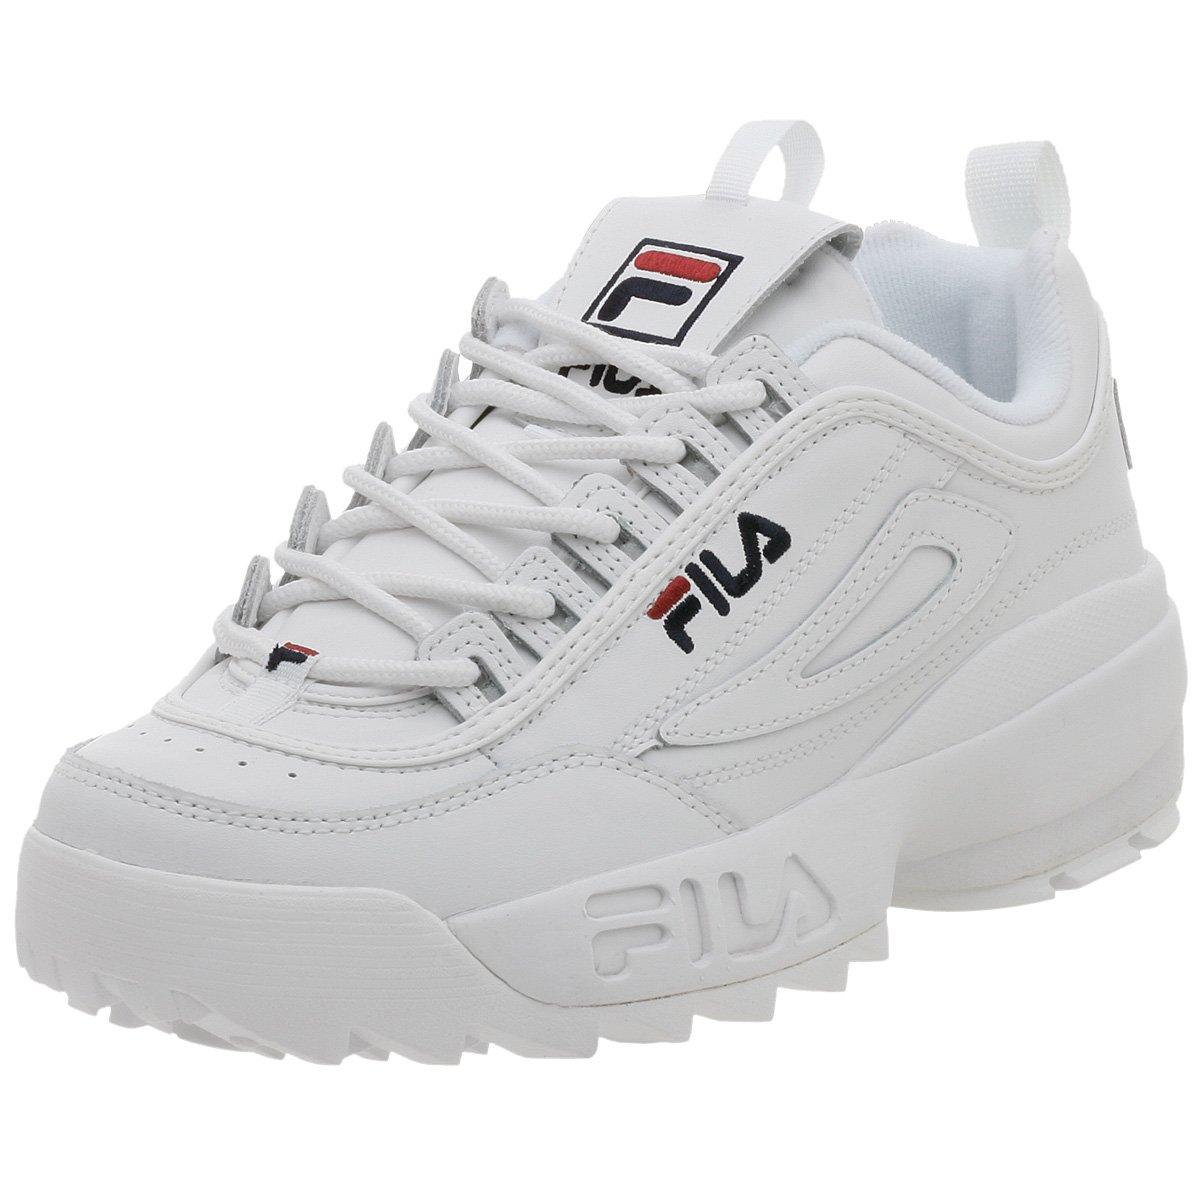 Fila Men's Disruptor II Sneaker,White/Peacoat/Vinred,9.5 M by Fila